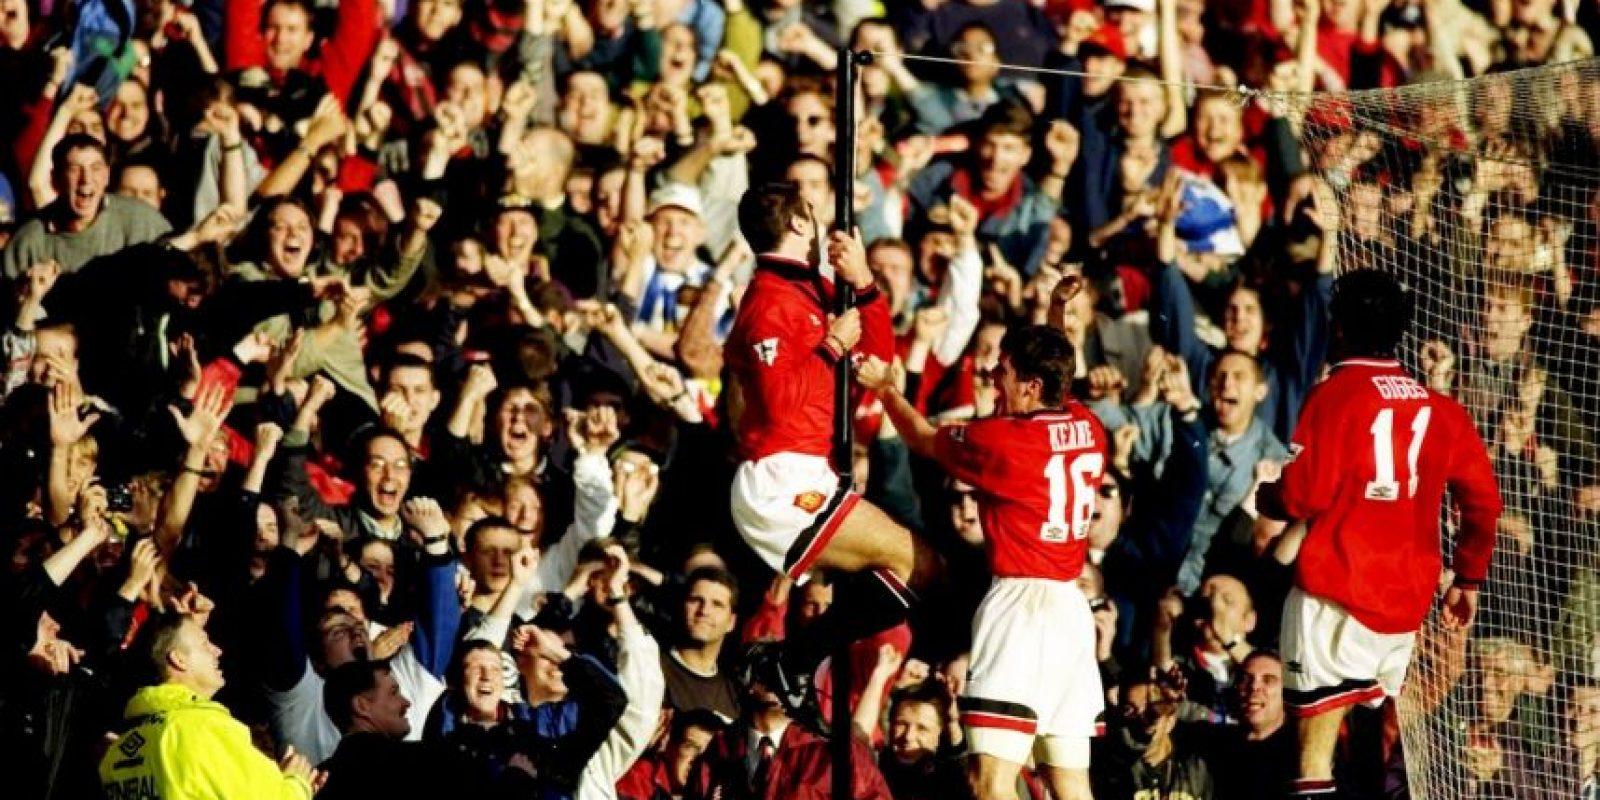 La agresión de Cantona se dió en 1995 Foto:Getty